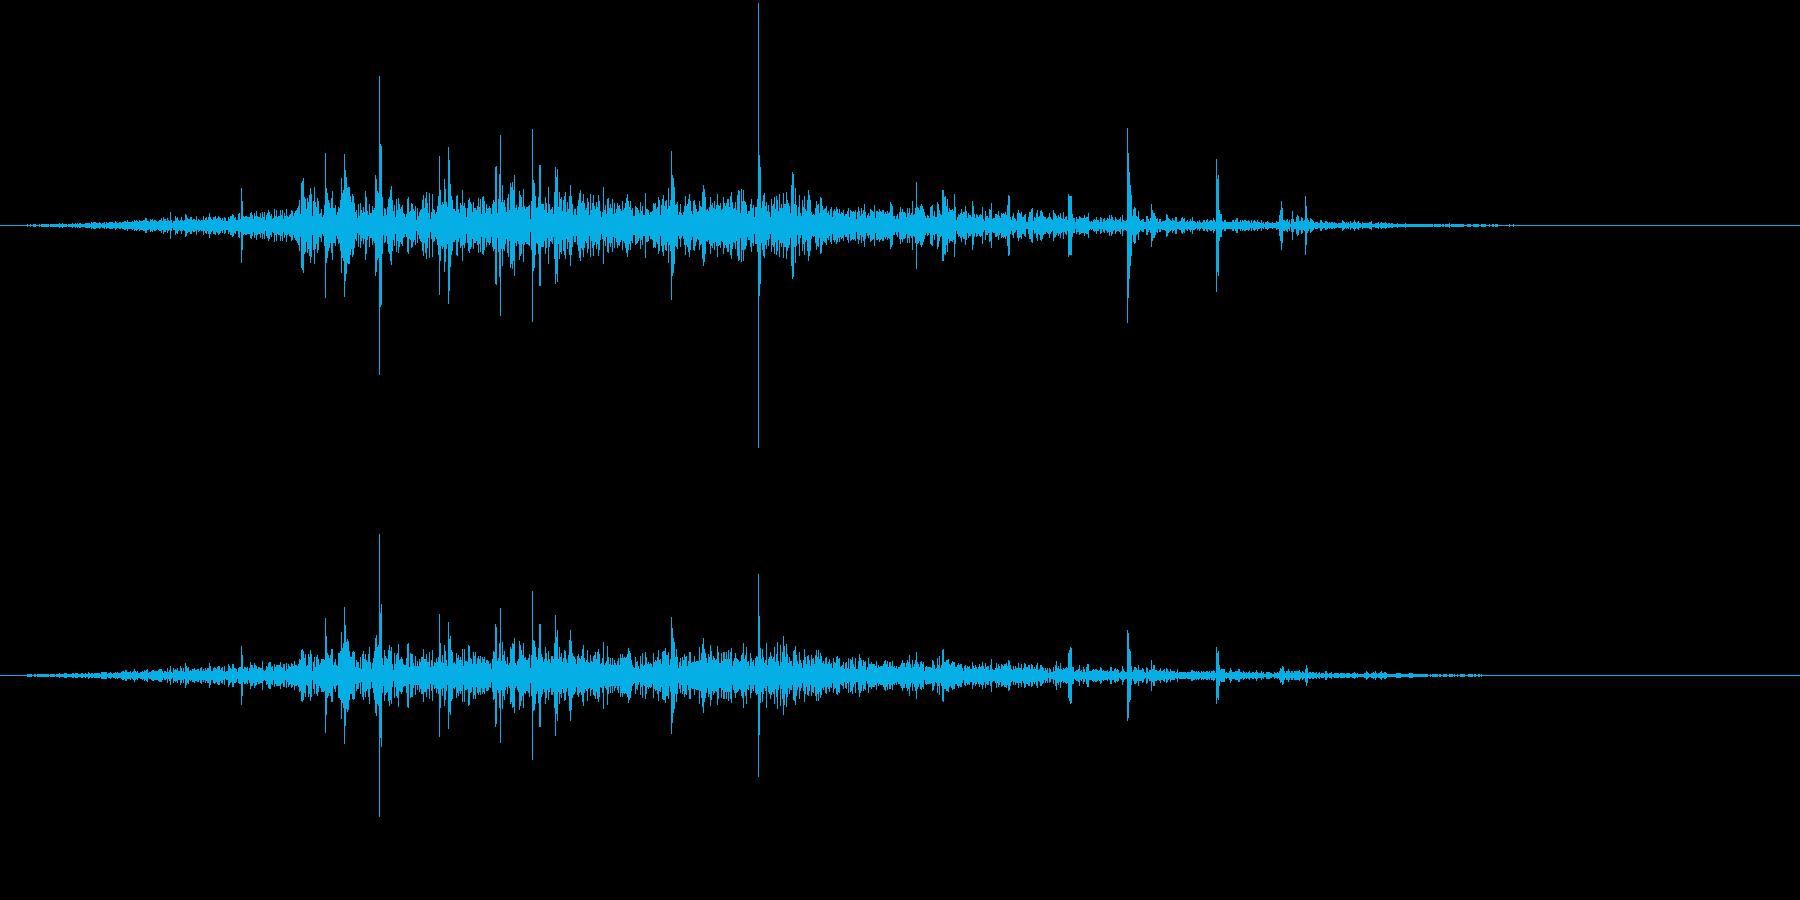 【生録音】布団を剥がす音 2の再生済みの波形